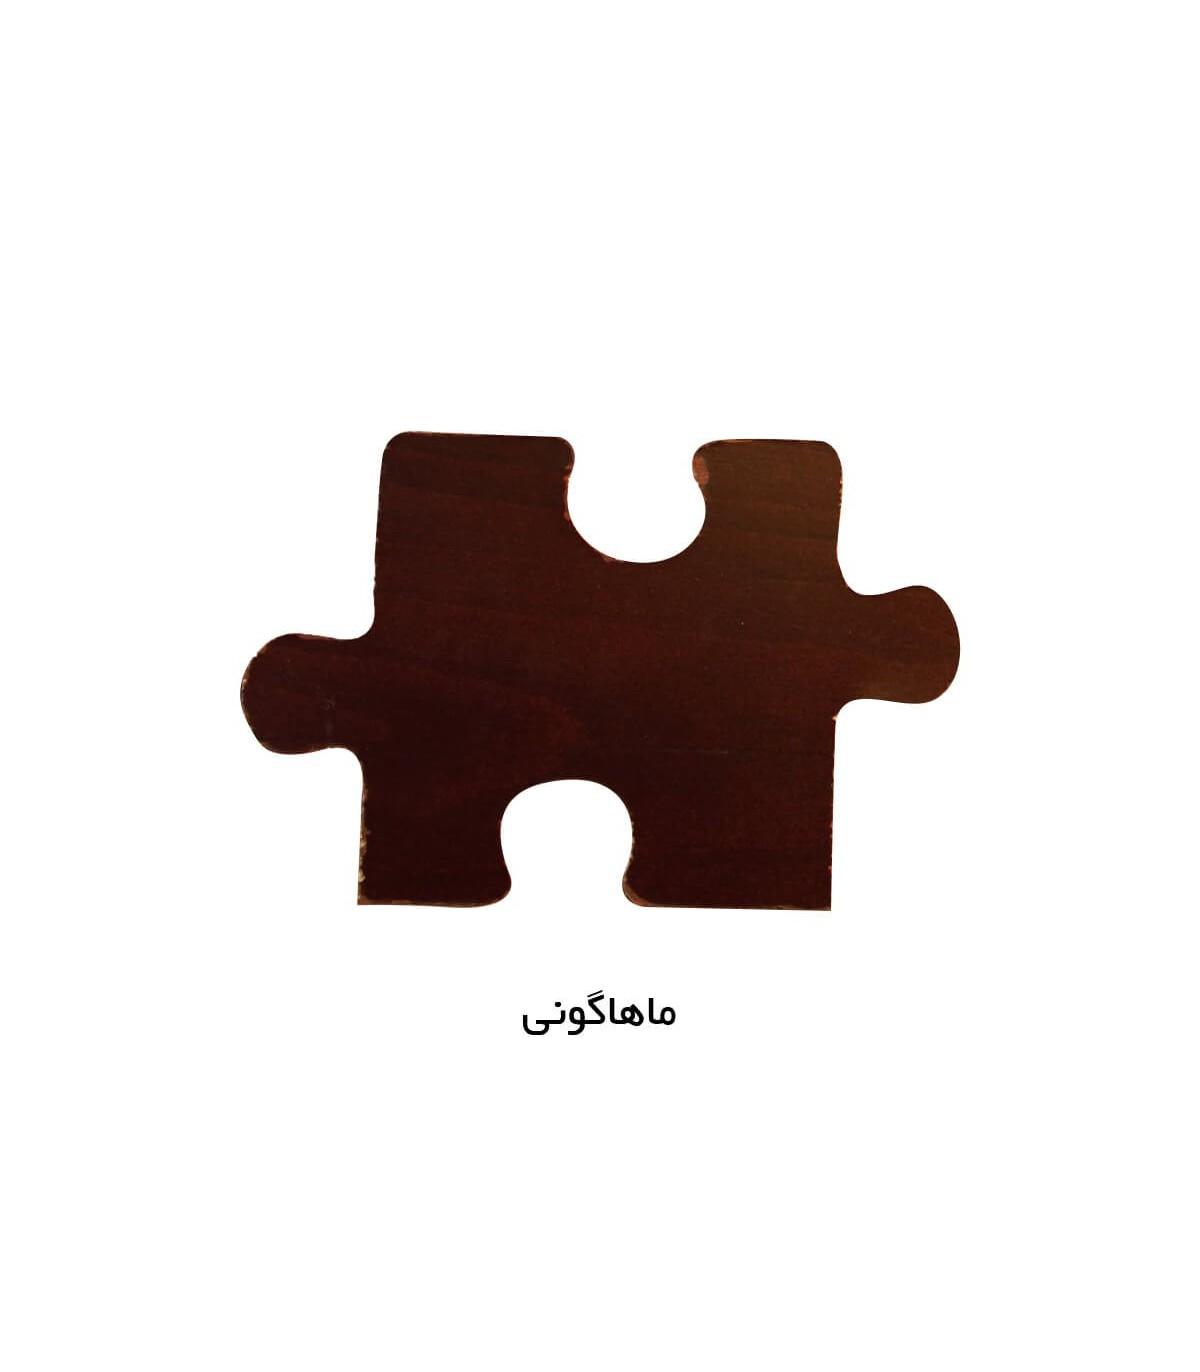 مبل دو نفره کلاسیک سری 514 رنگ ماهاگونی